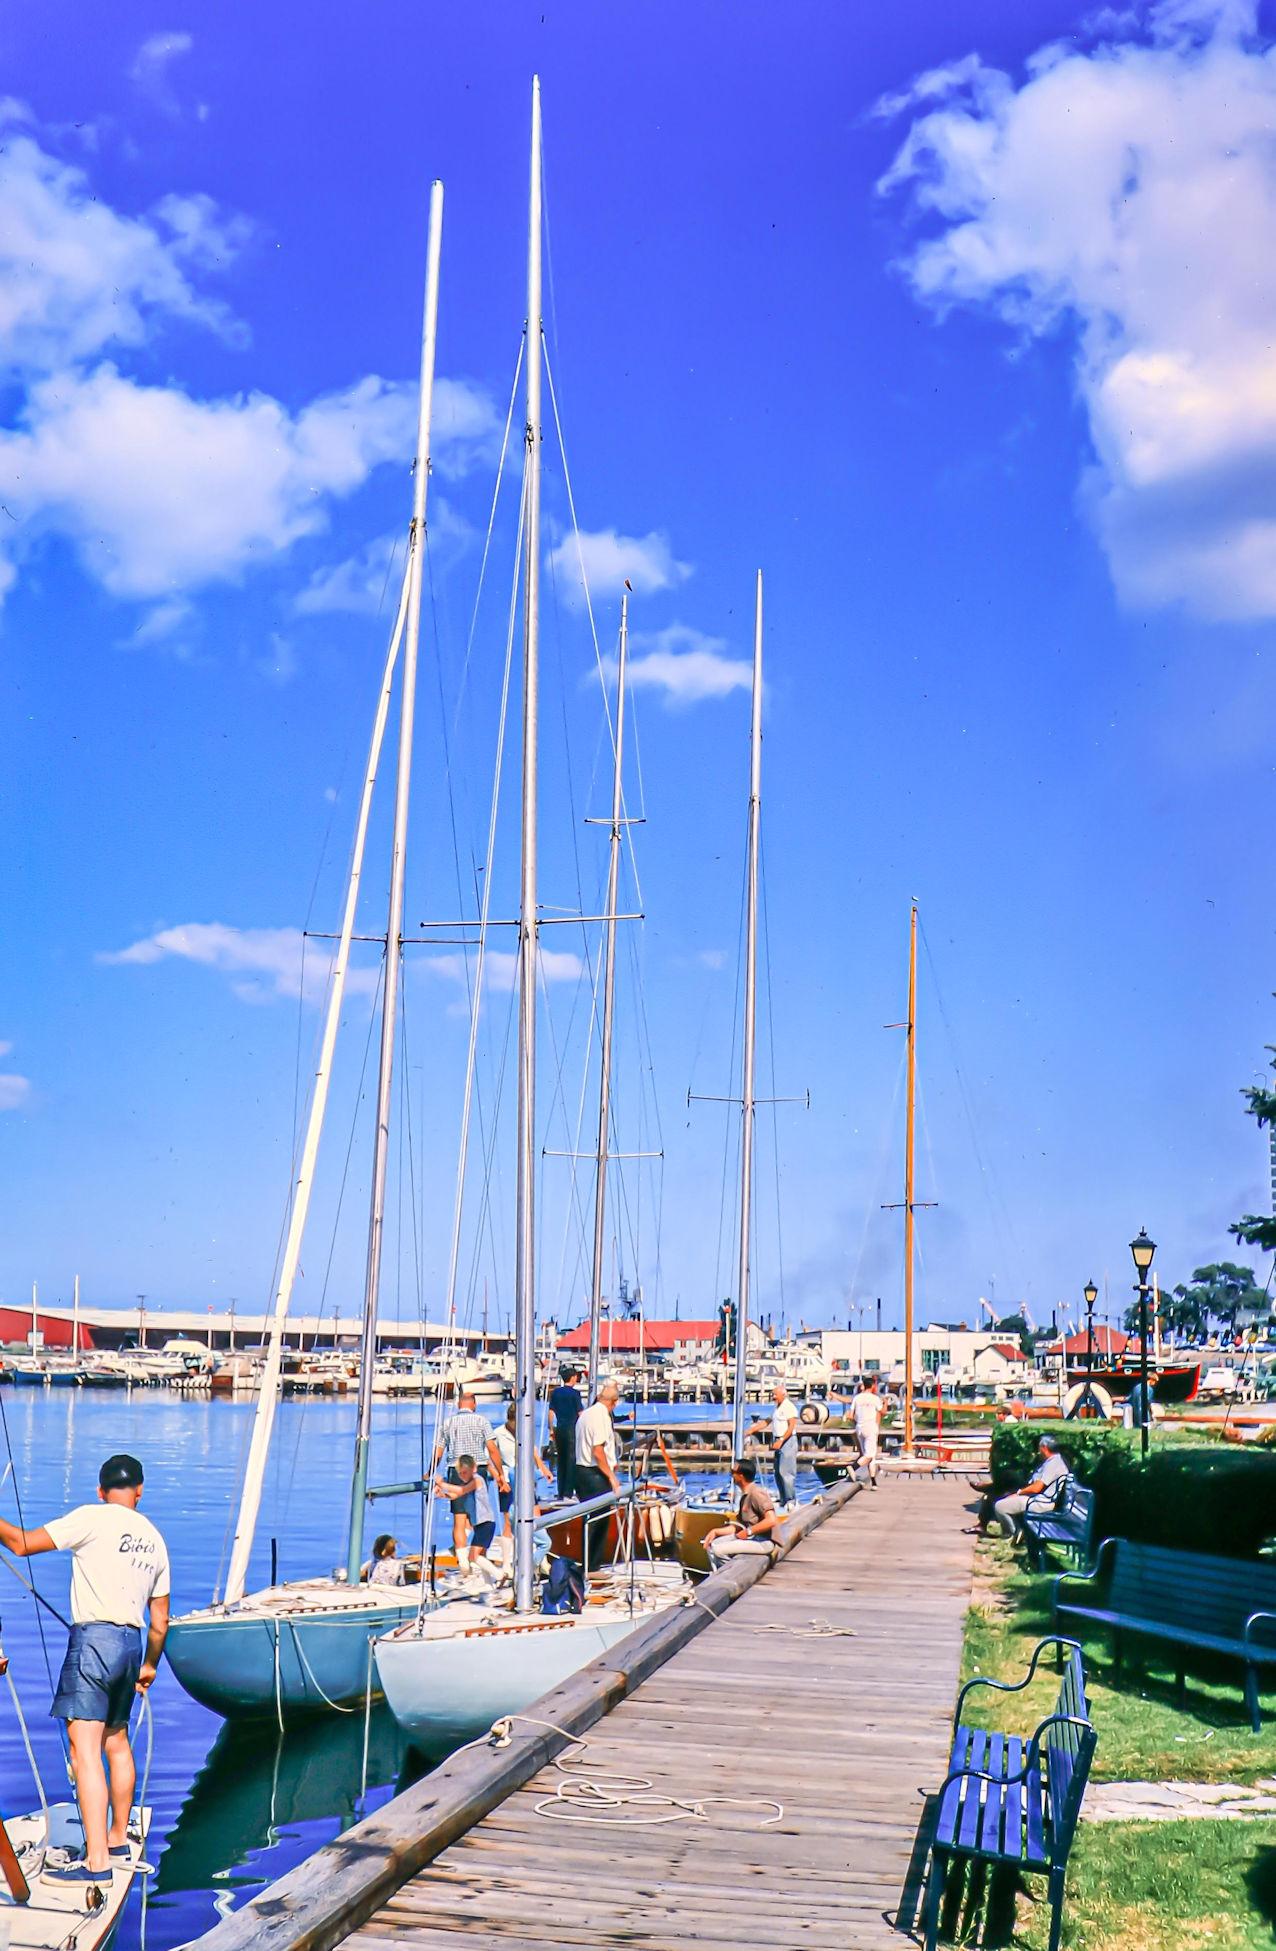 Boats moored alongside a pontoon